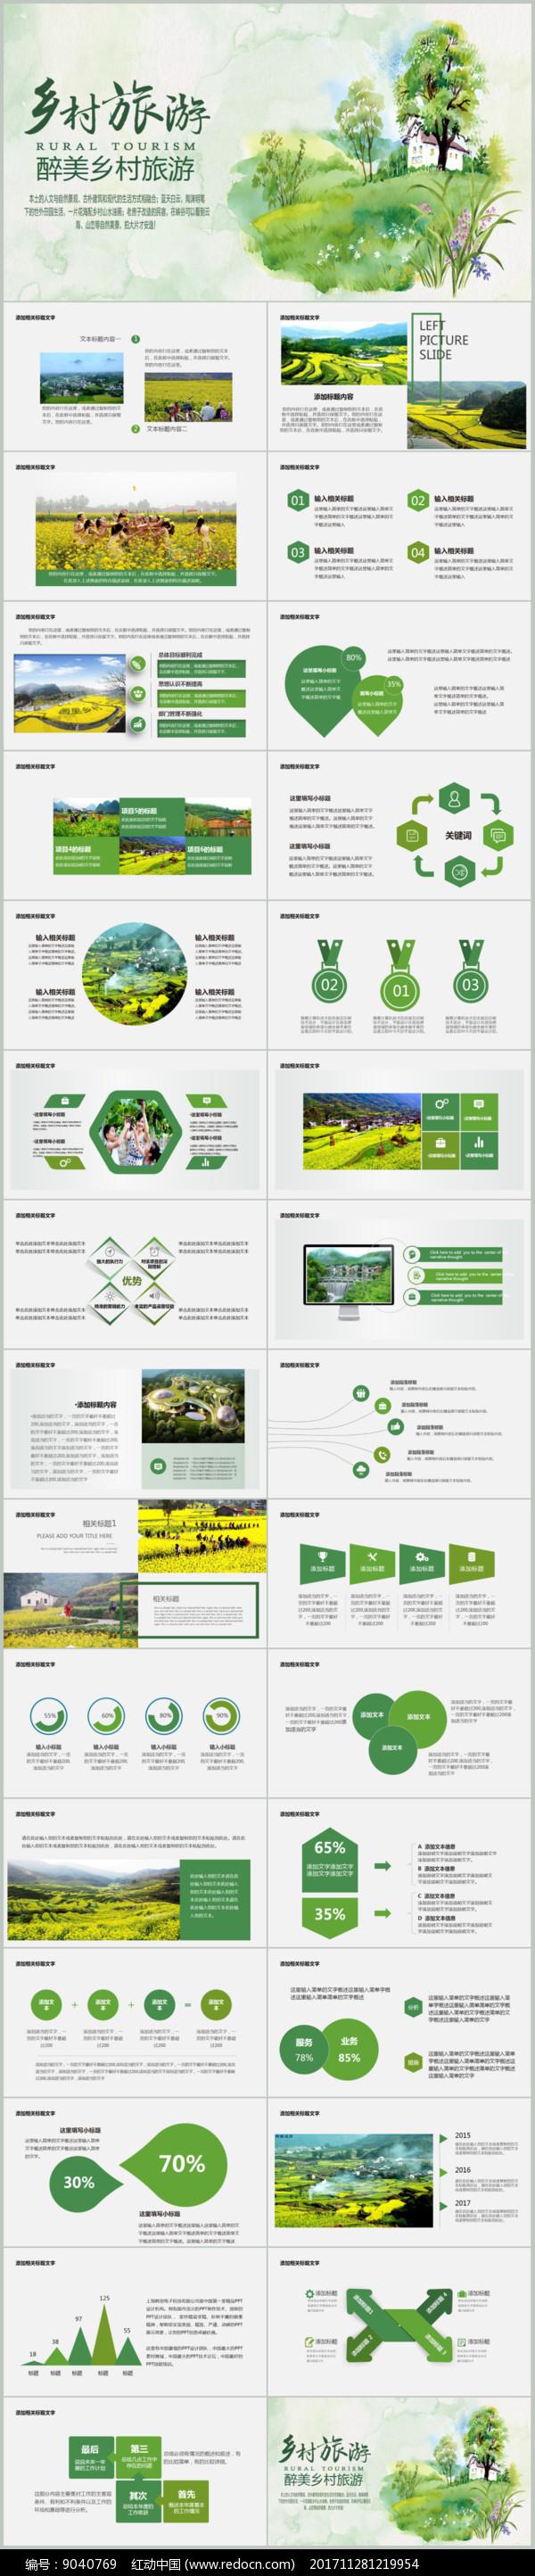 乡村旅游PPT模板图片